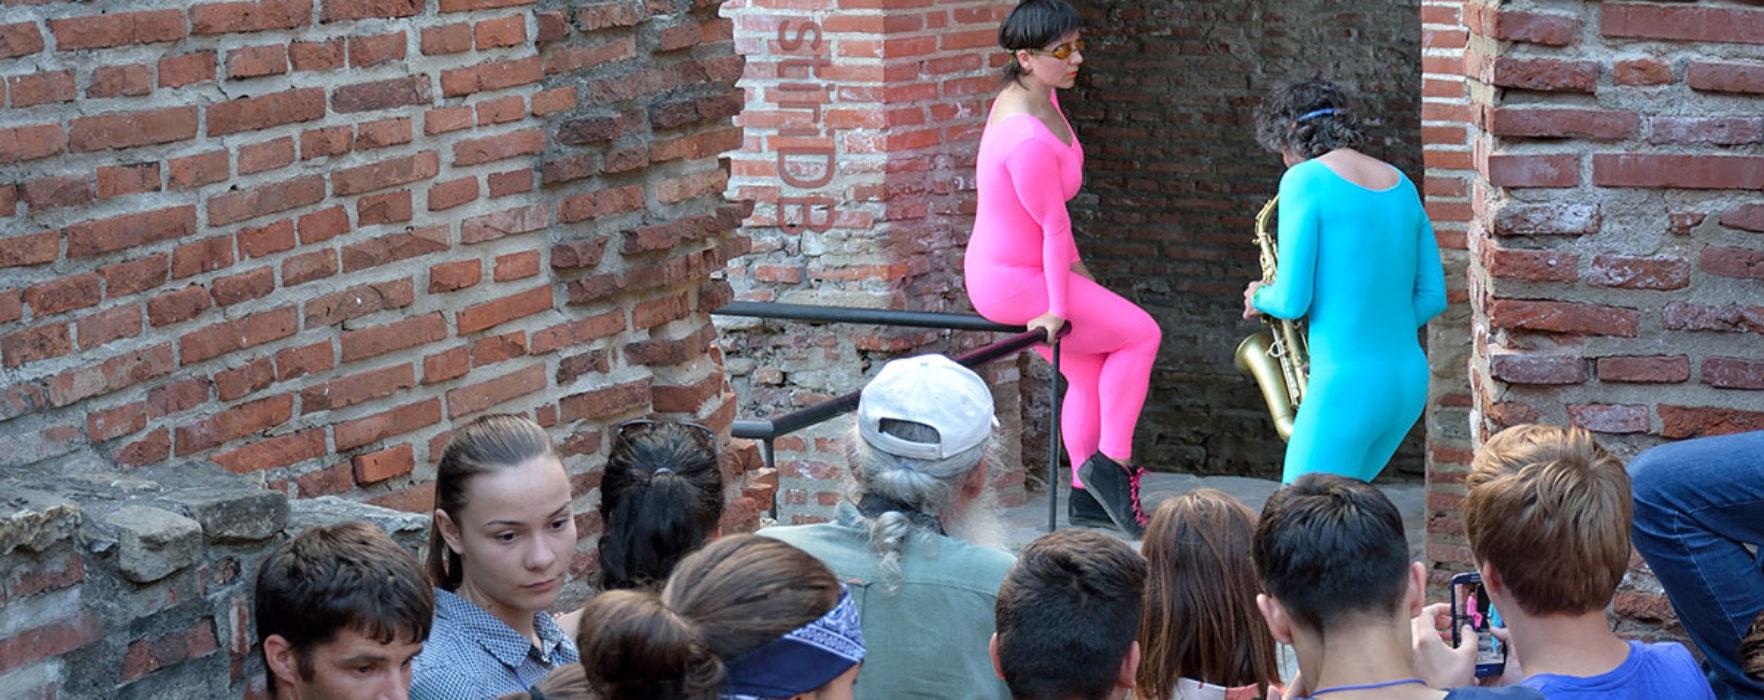 Spectacol de dans contemporan pe ruinele Curţii Domneşti Târgovişte (video)